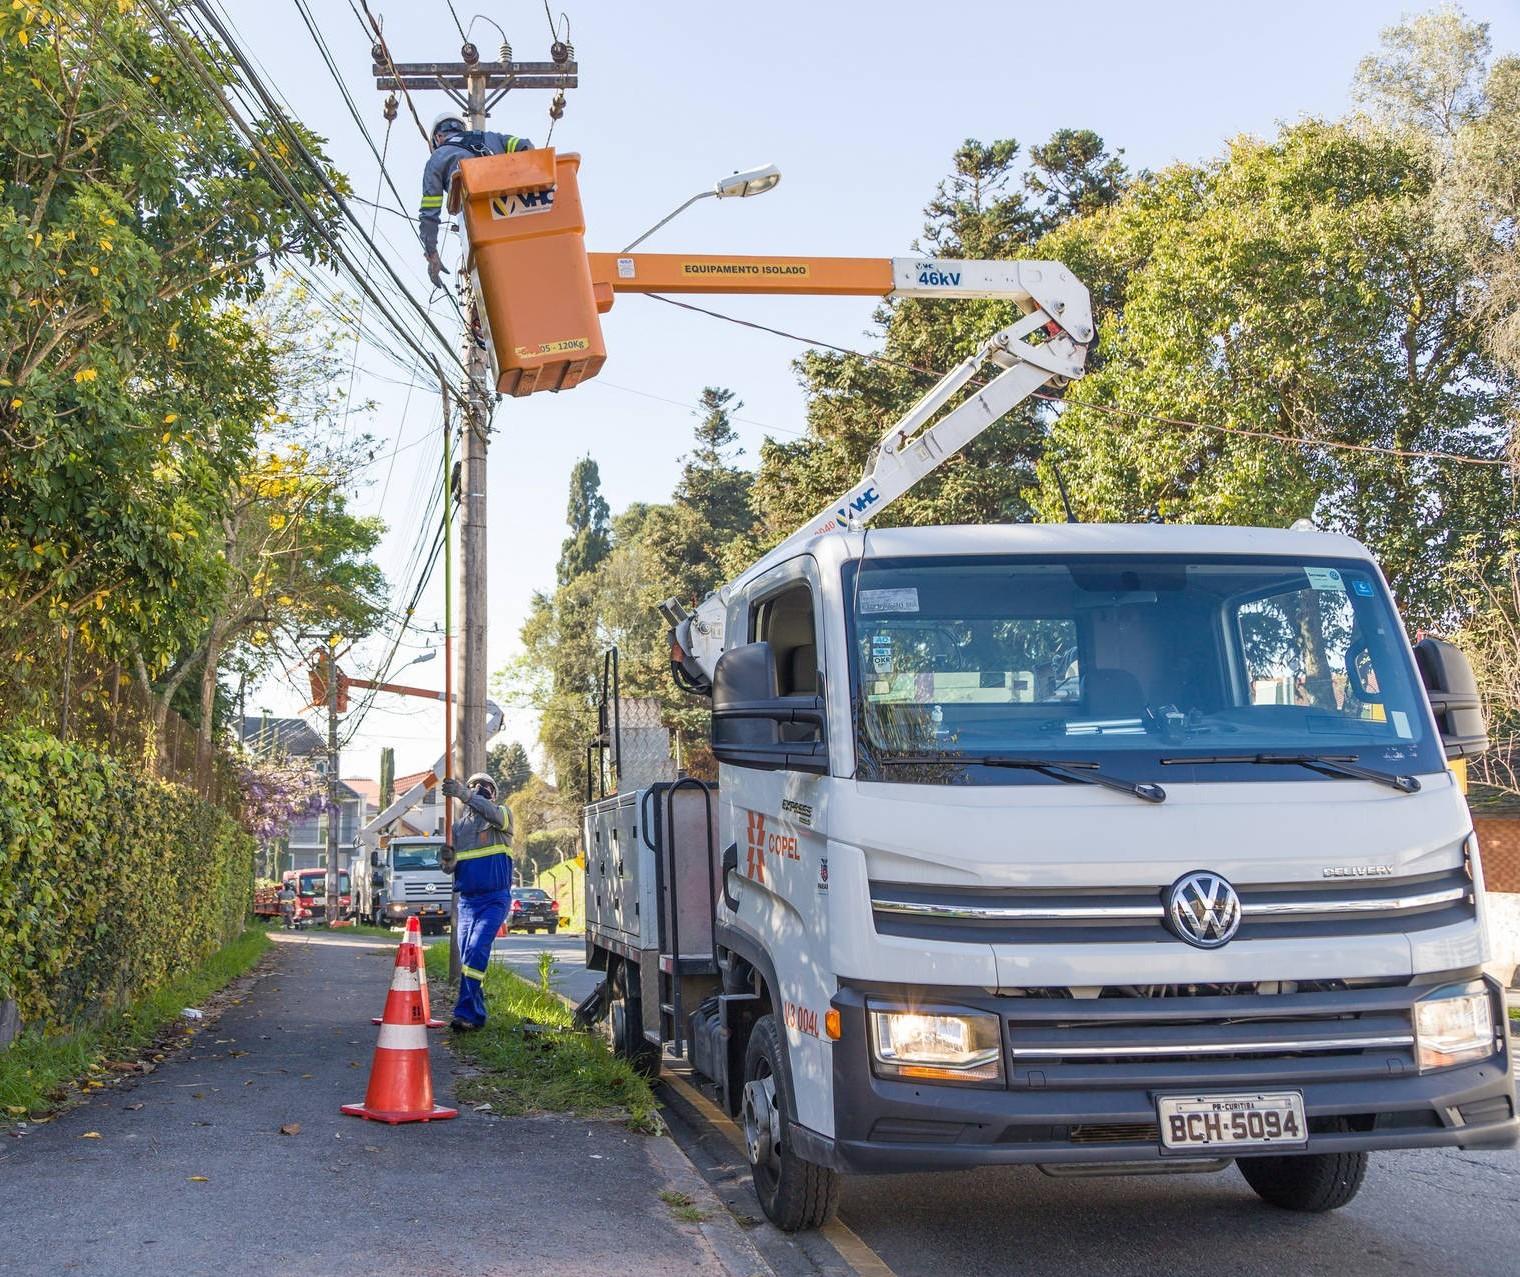 Copel faz mutirão para manutenção e limpeza de redes elétricas neste sábado (14)